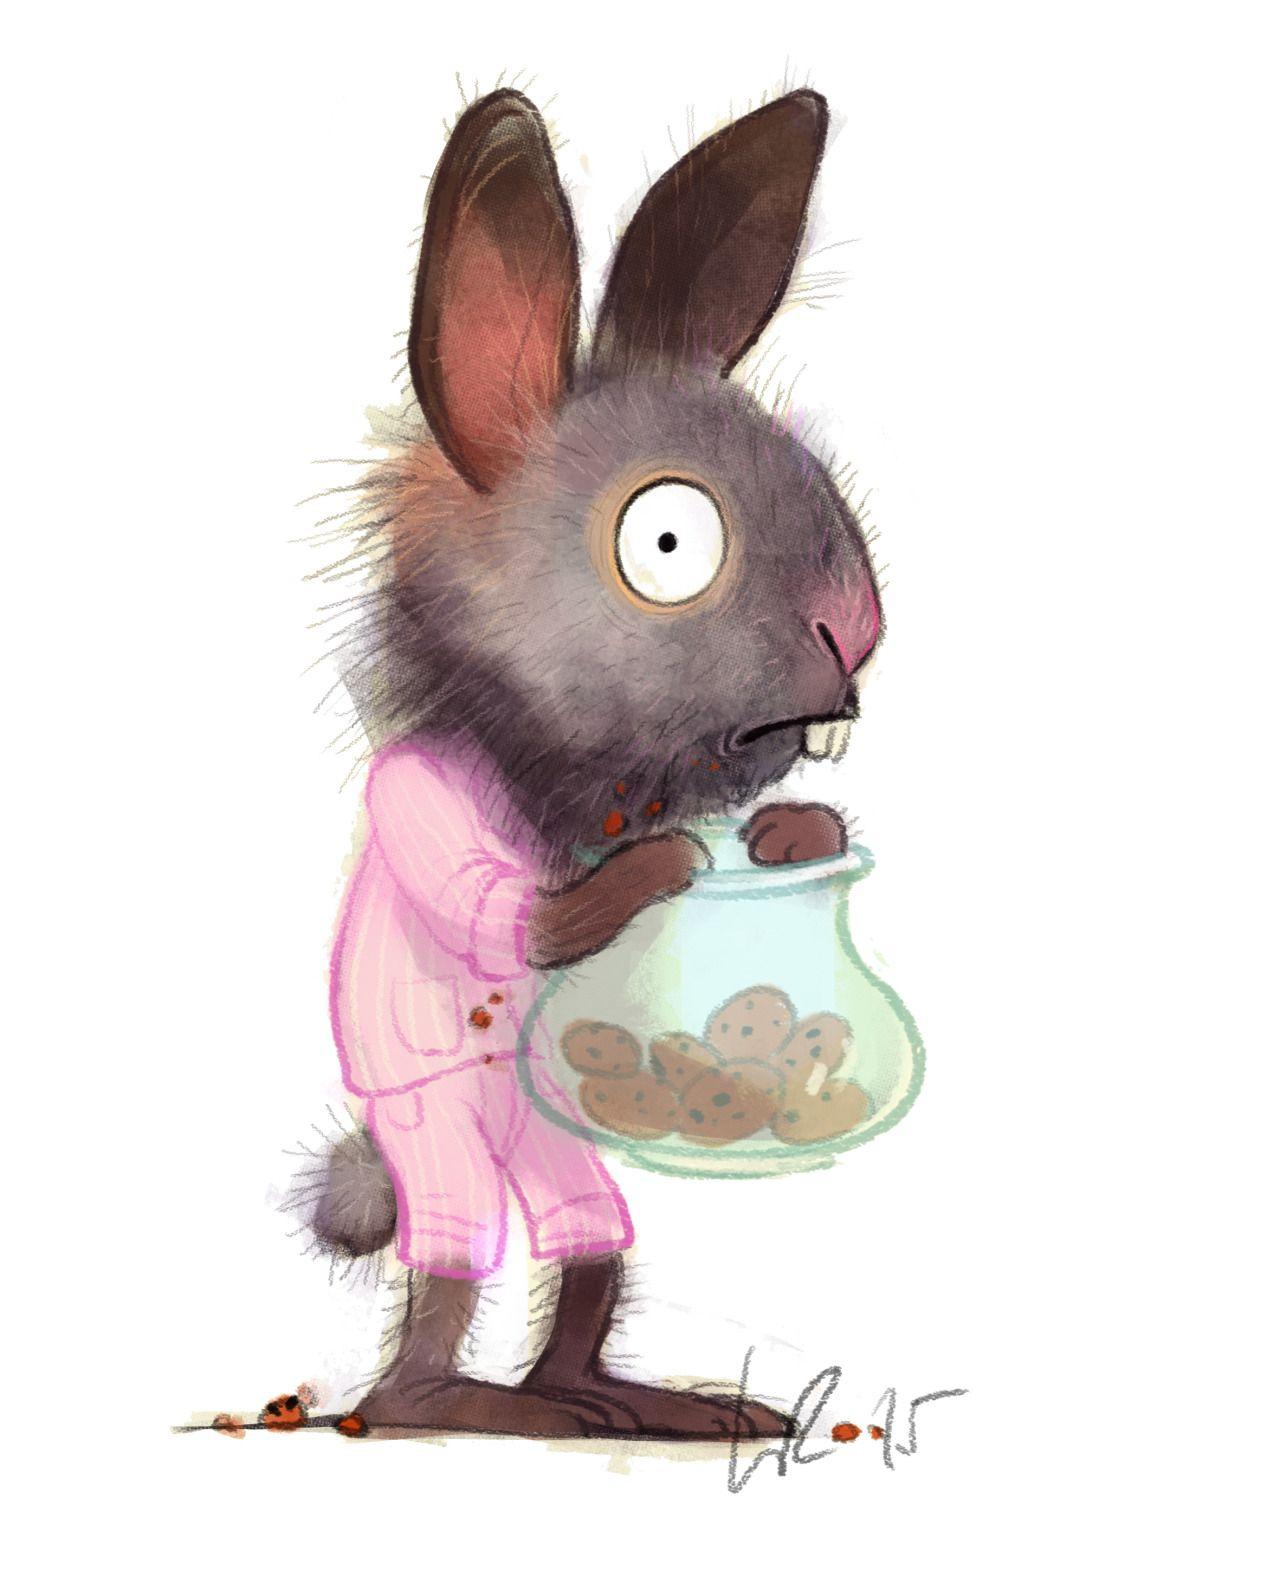 Поздравить, заяц рисованный смешной картинка